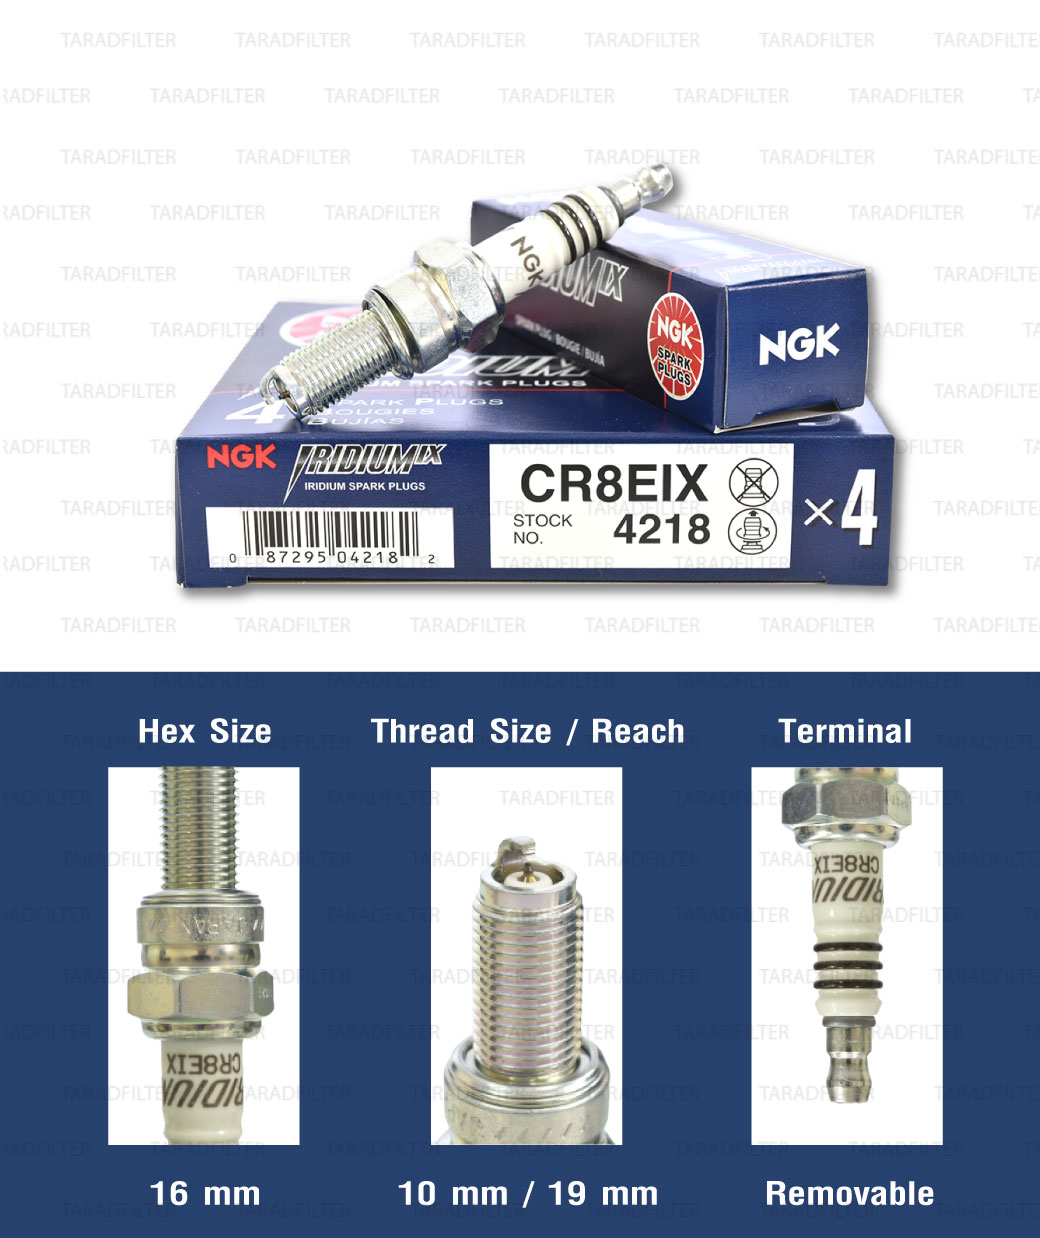 หัวเทียน NGK CR8EIX ขั้ว Iridium ใช้สำหรับ New Vespa , CBR150, Ninja250, Ninja300, YZF-R3, Gladius, V-storm - Made in Japan